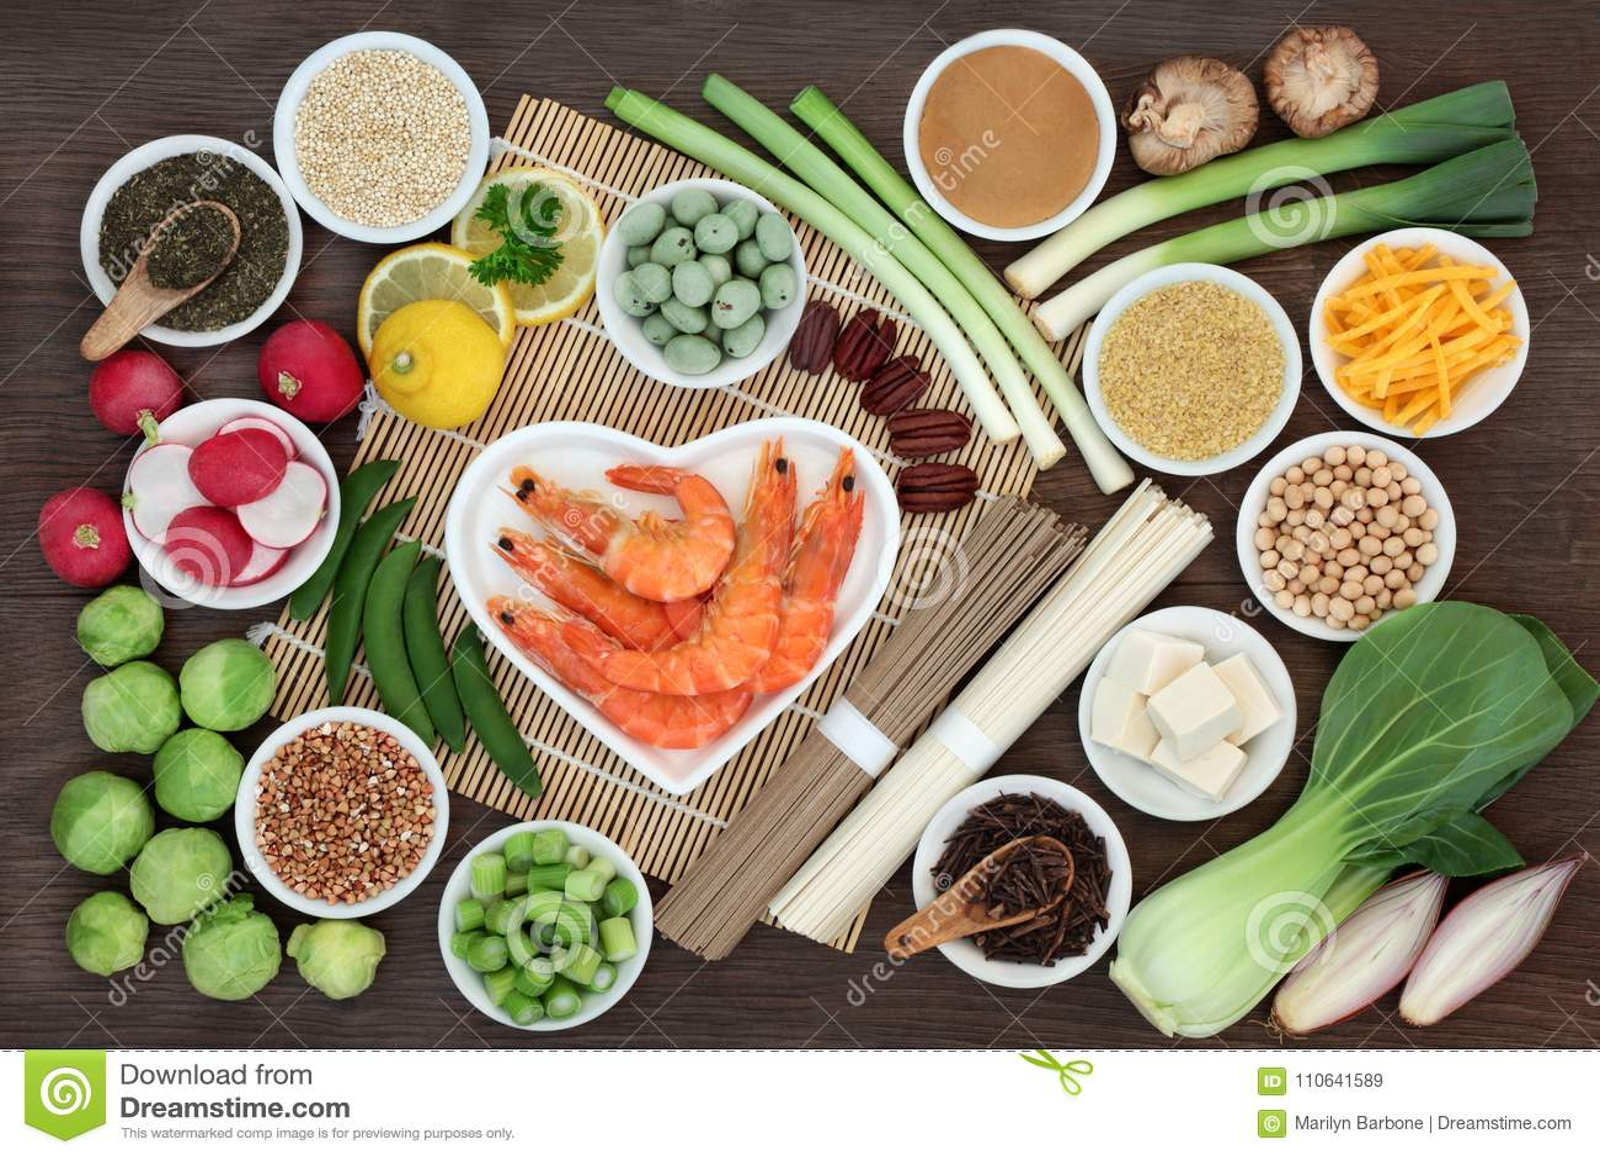 que es la dieta macrobiótica